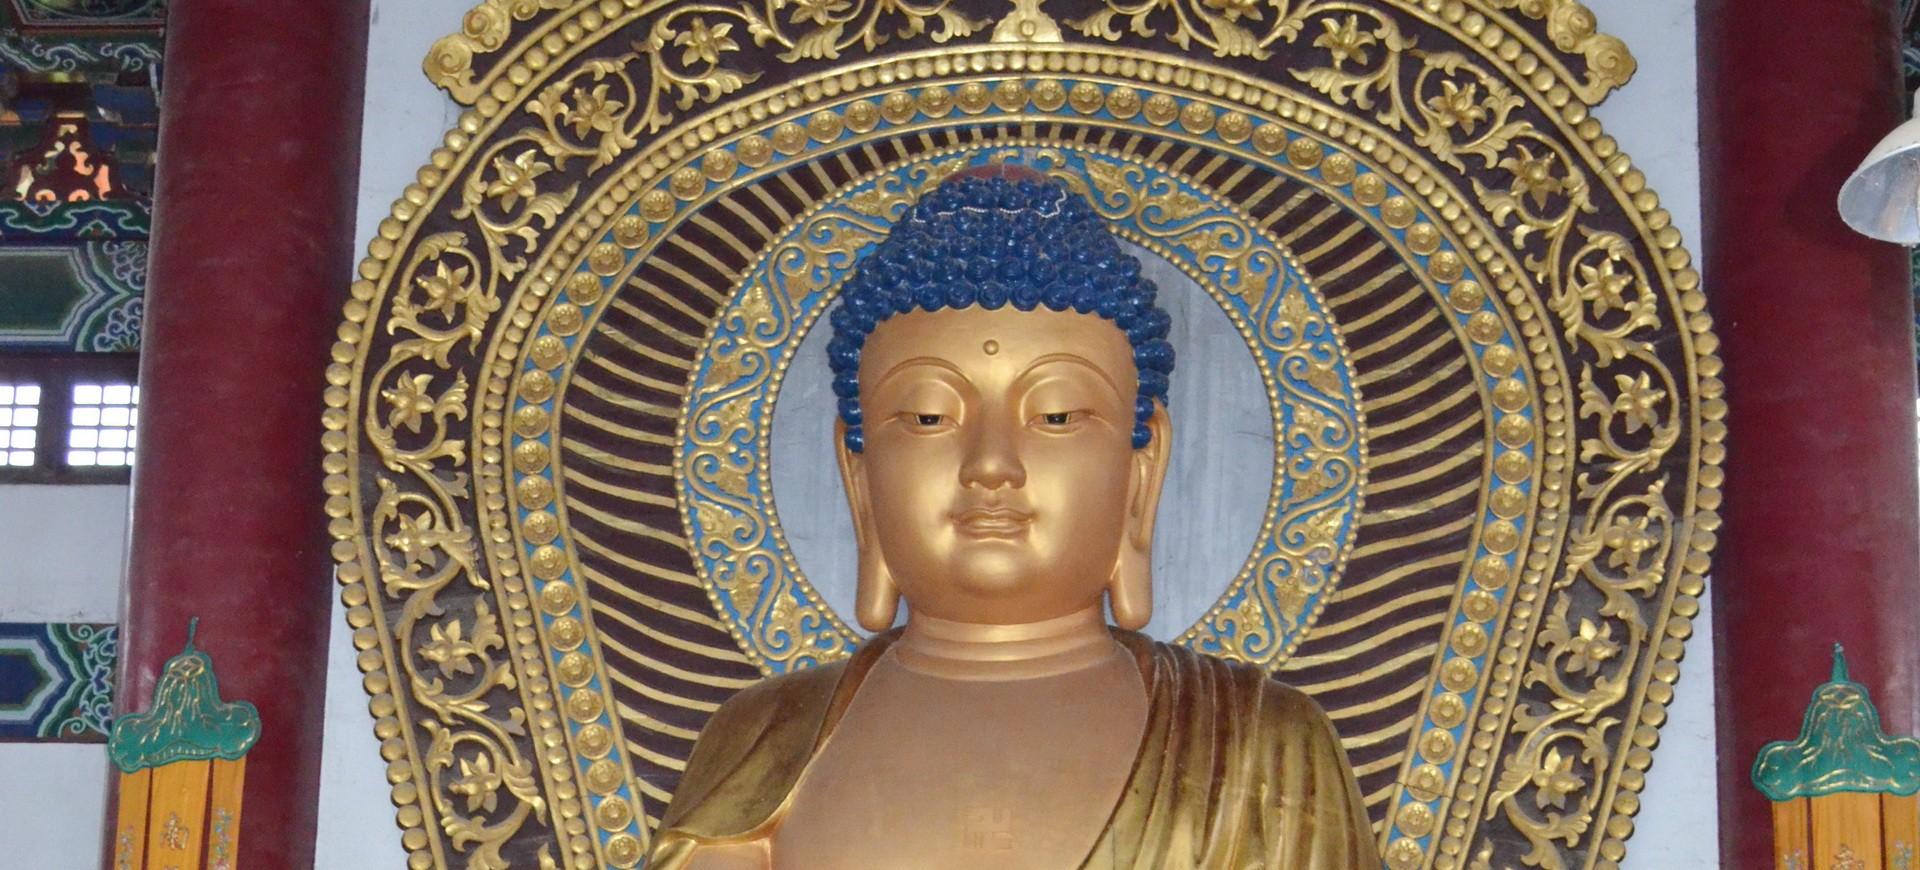 Statue de Bouddha dans un Temple Bouddhiste à Lumbini